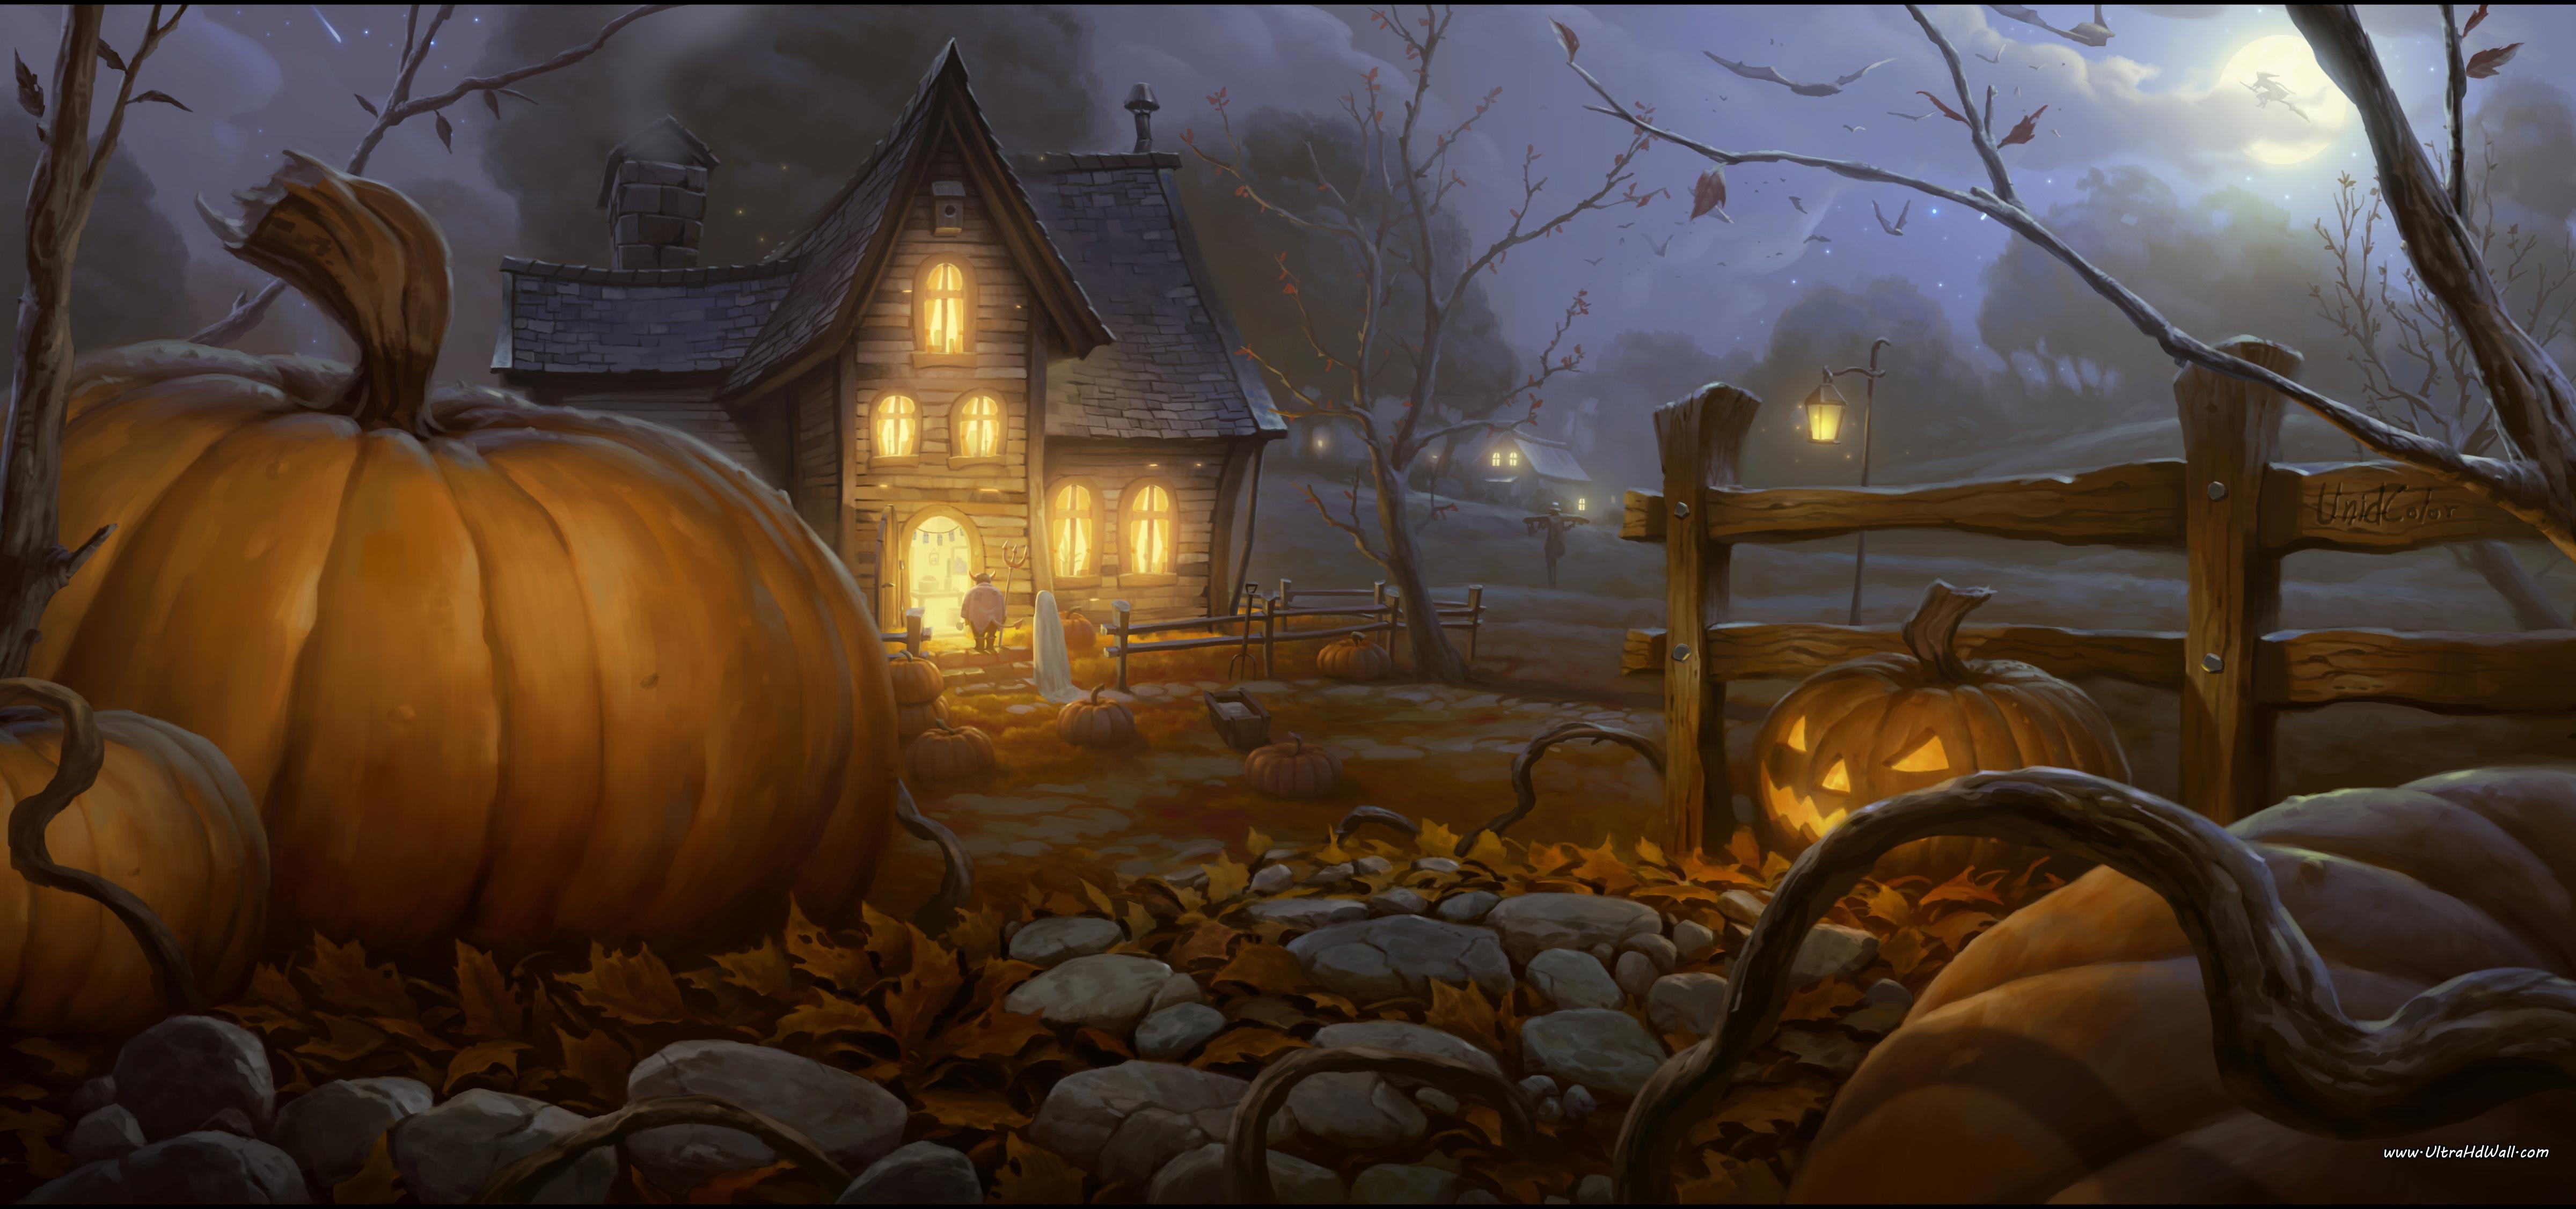 halloween free desktop wallpaper #10